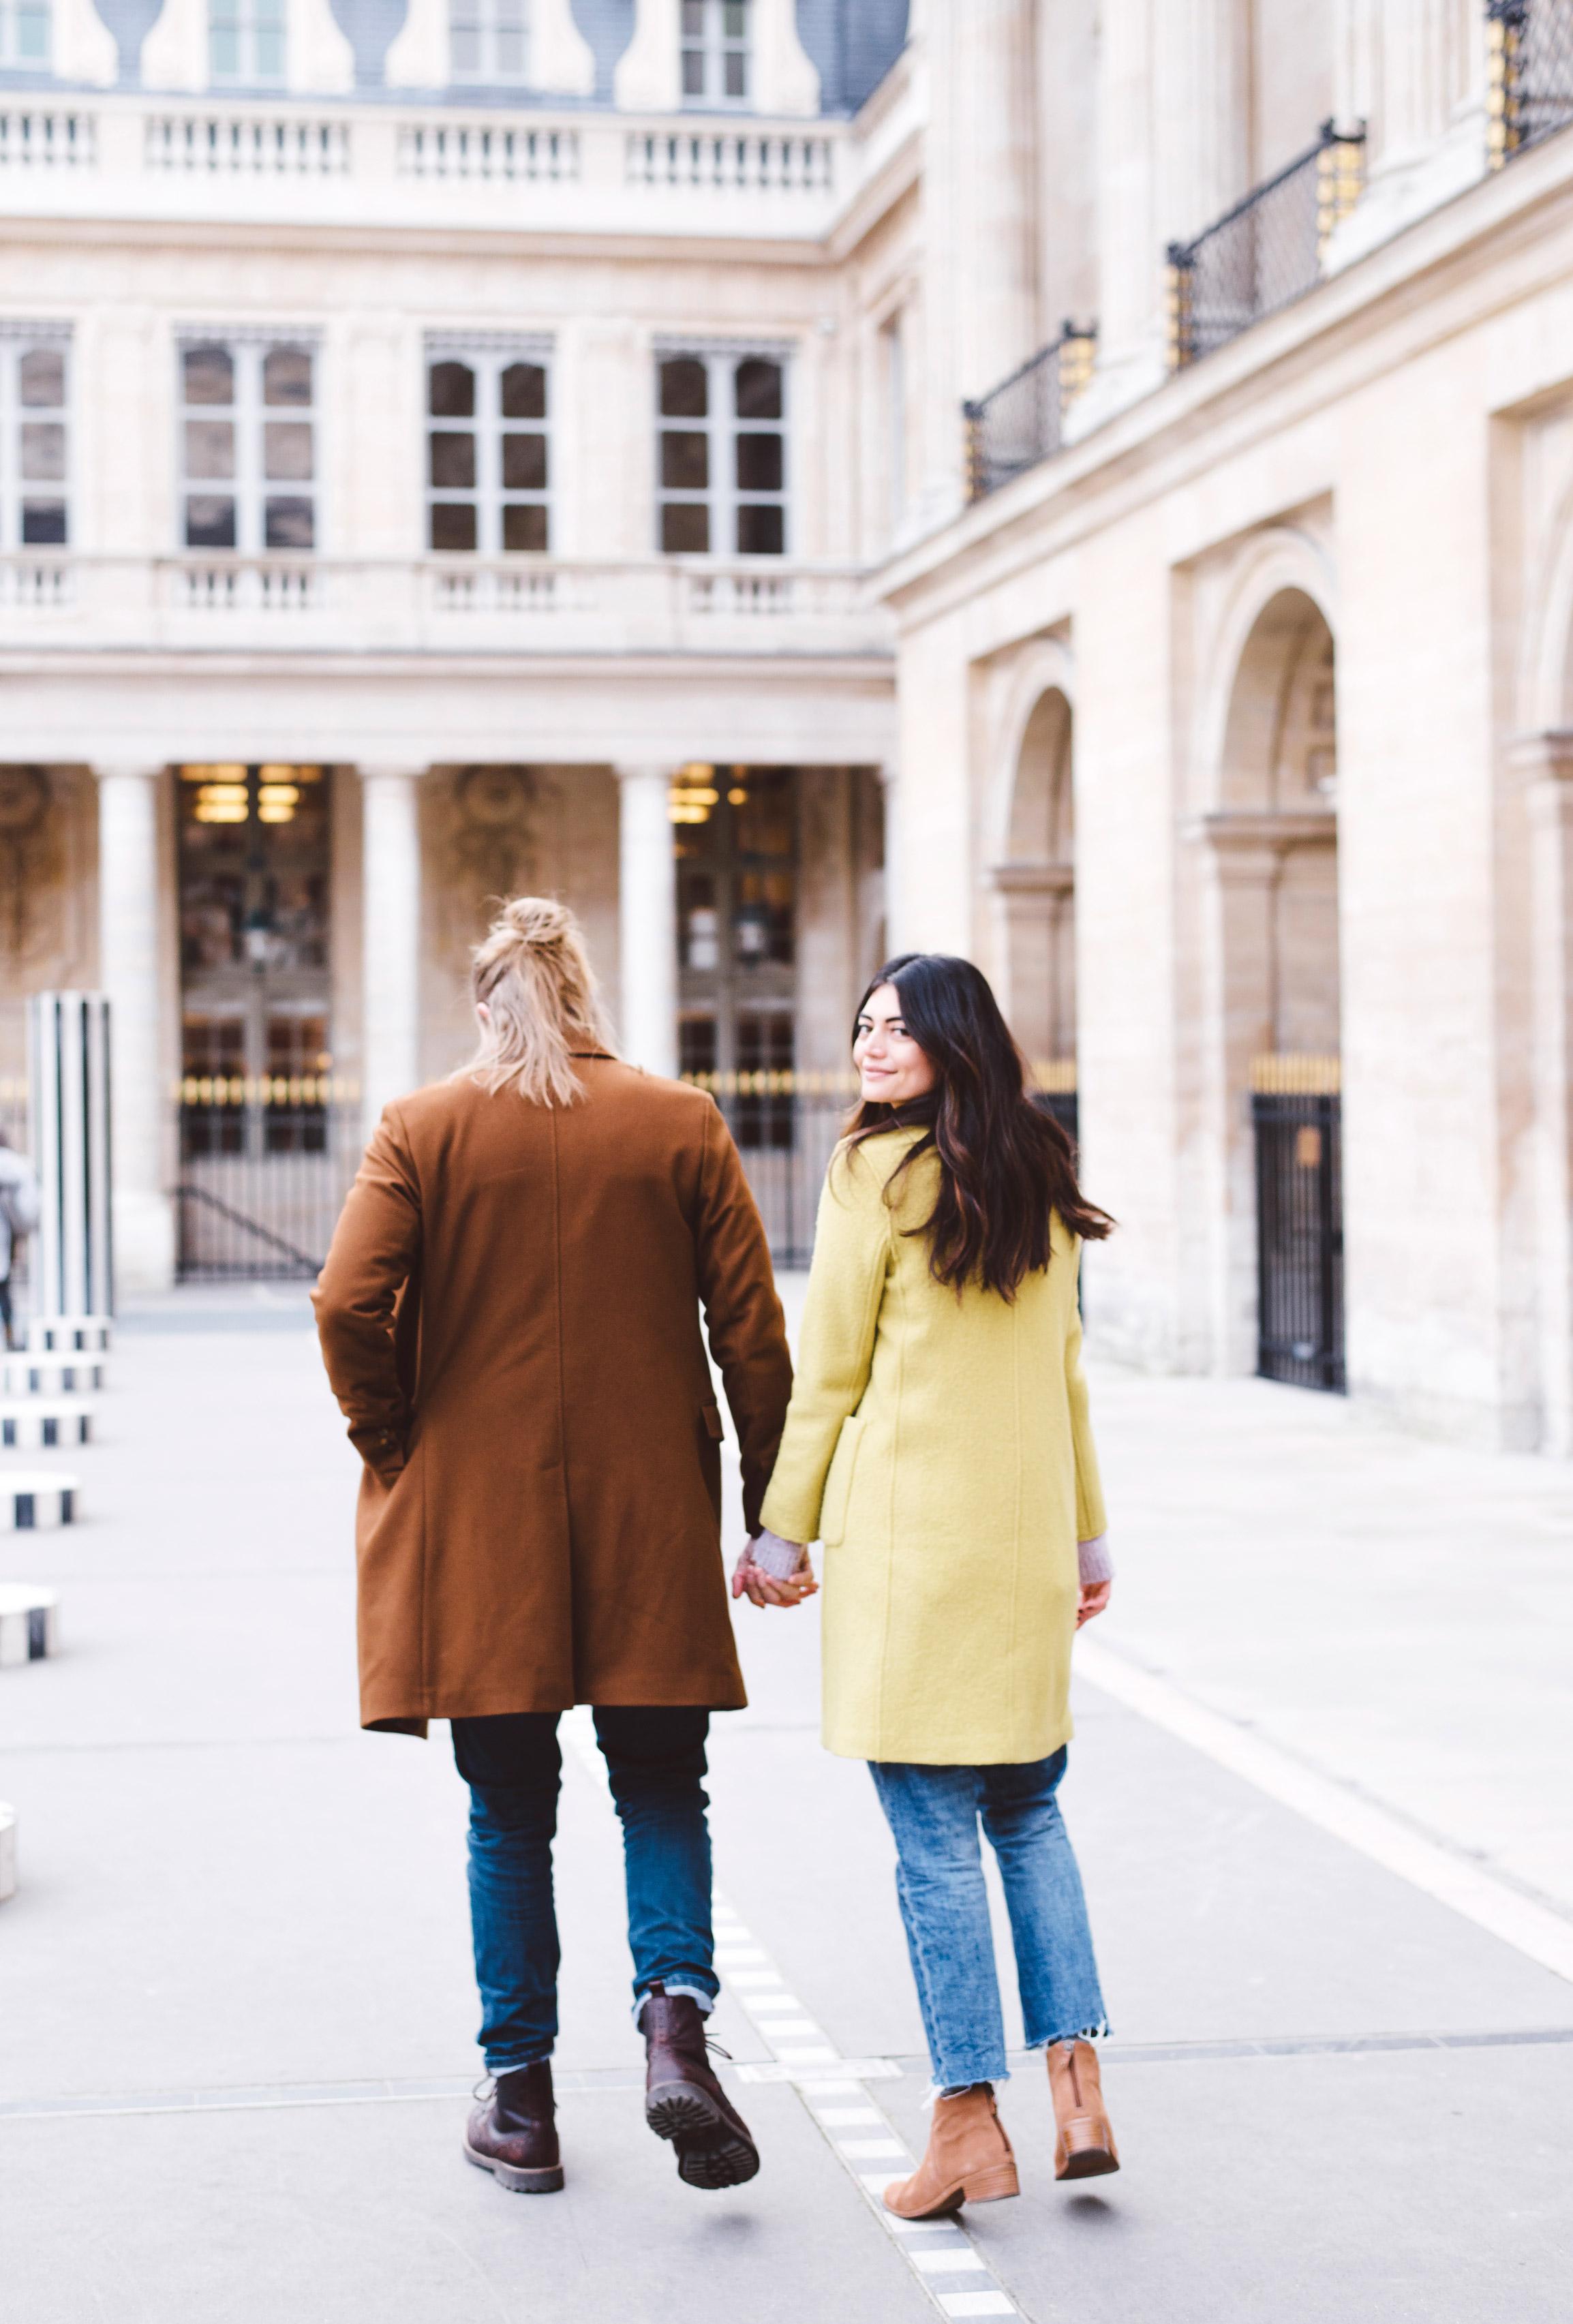 Couple-portrait-session-Paris-Louvre-PalaisRoyal-Seine011.jpg